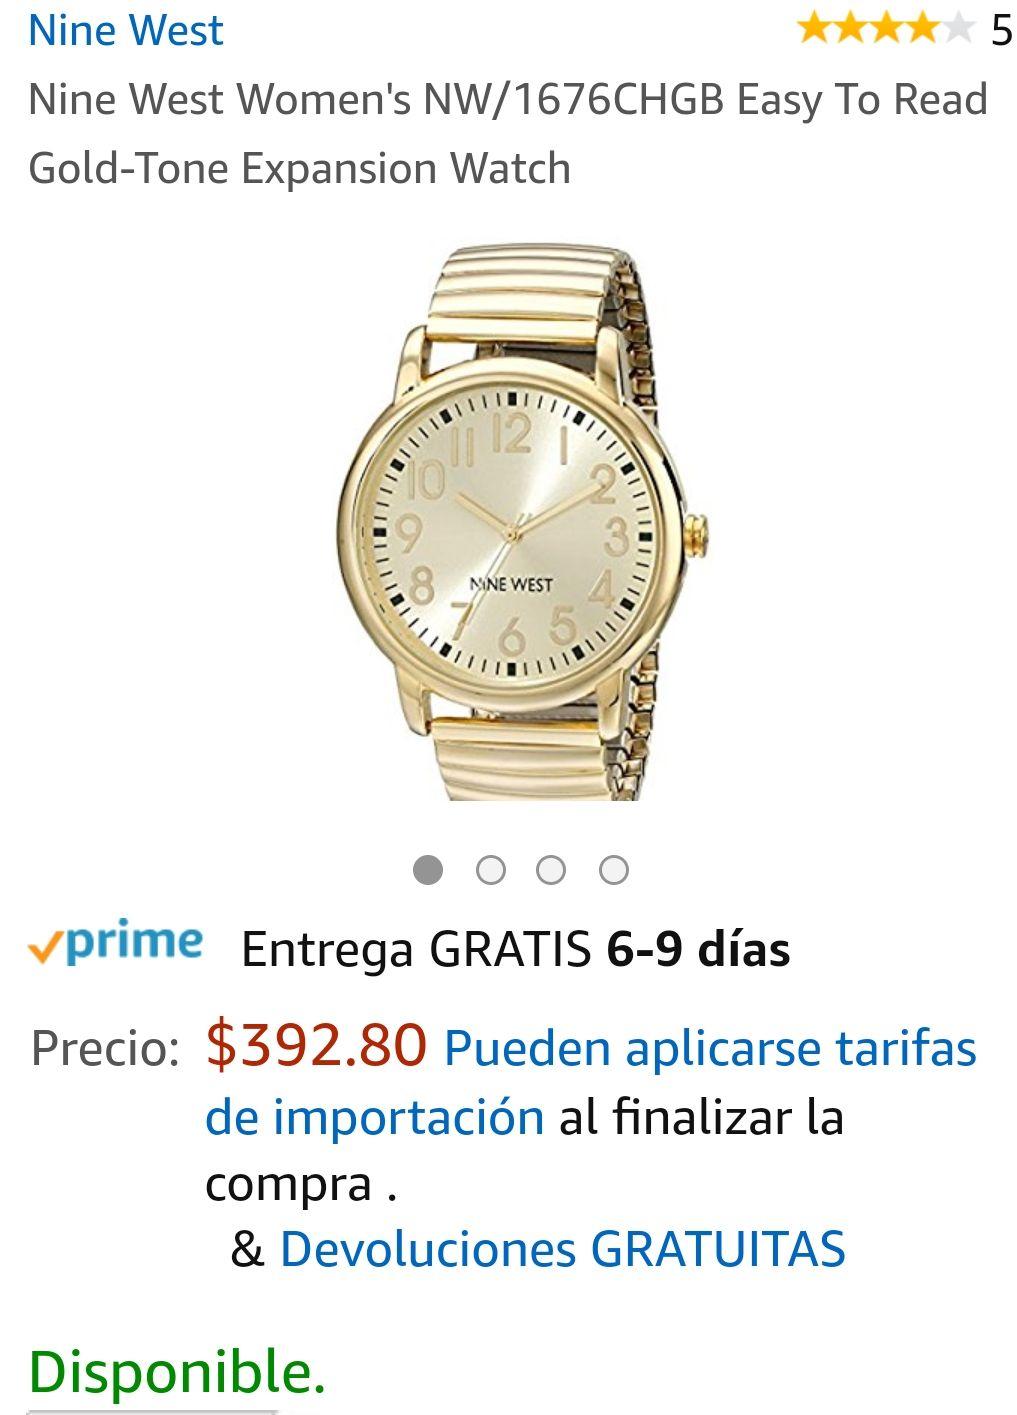 Amazon: Reloj Nine West Dorado NW/1676CHGB